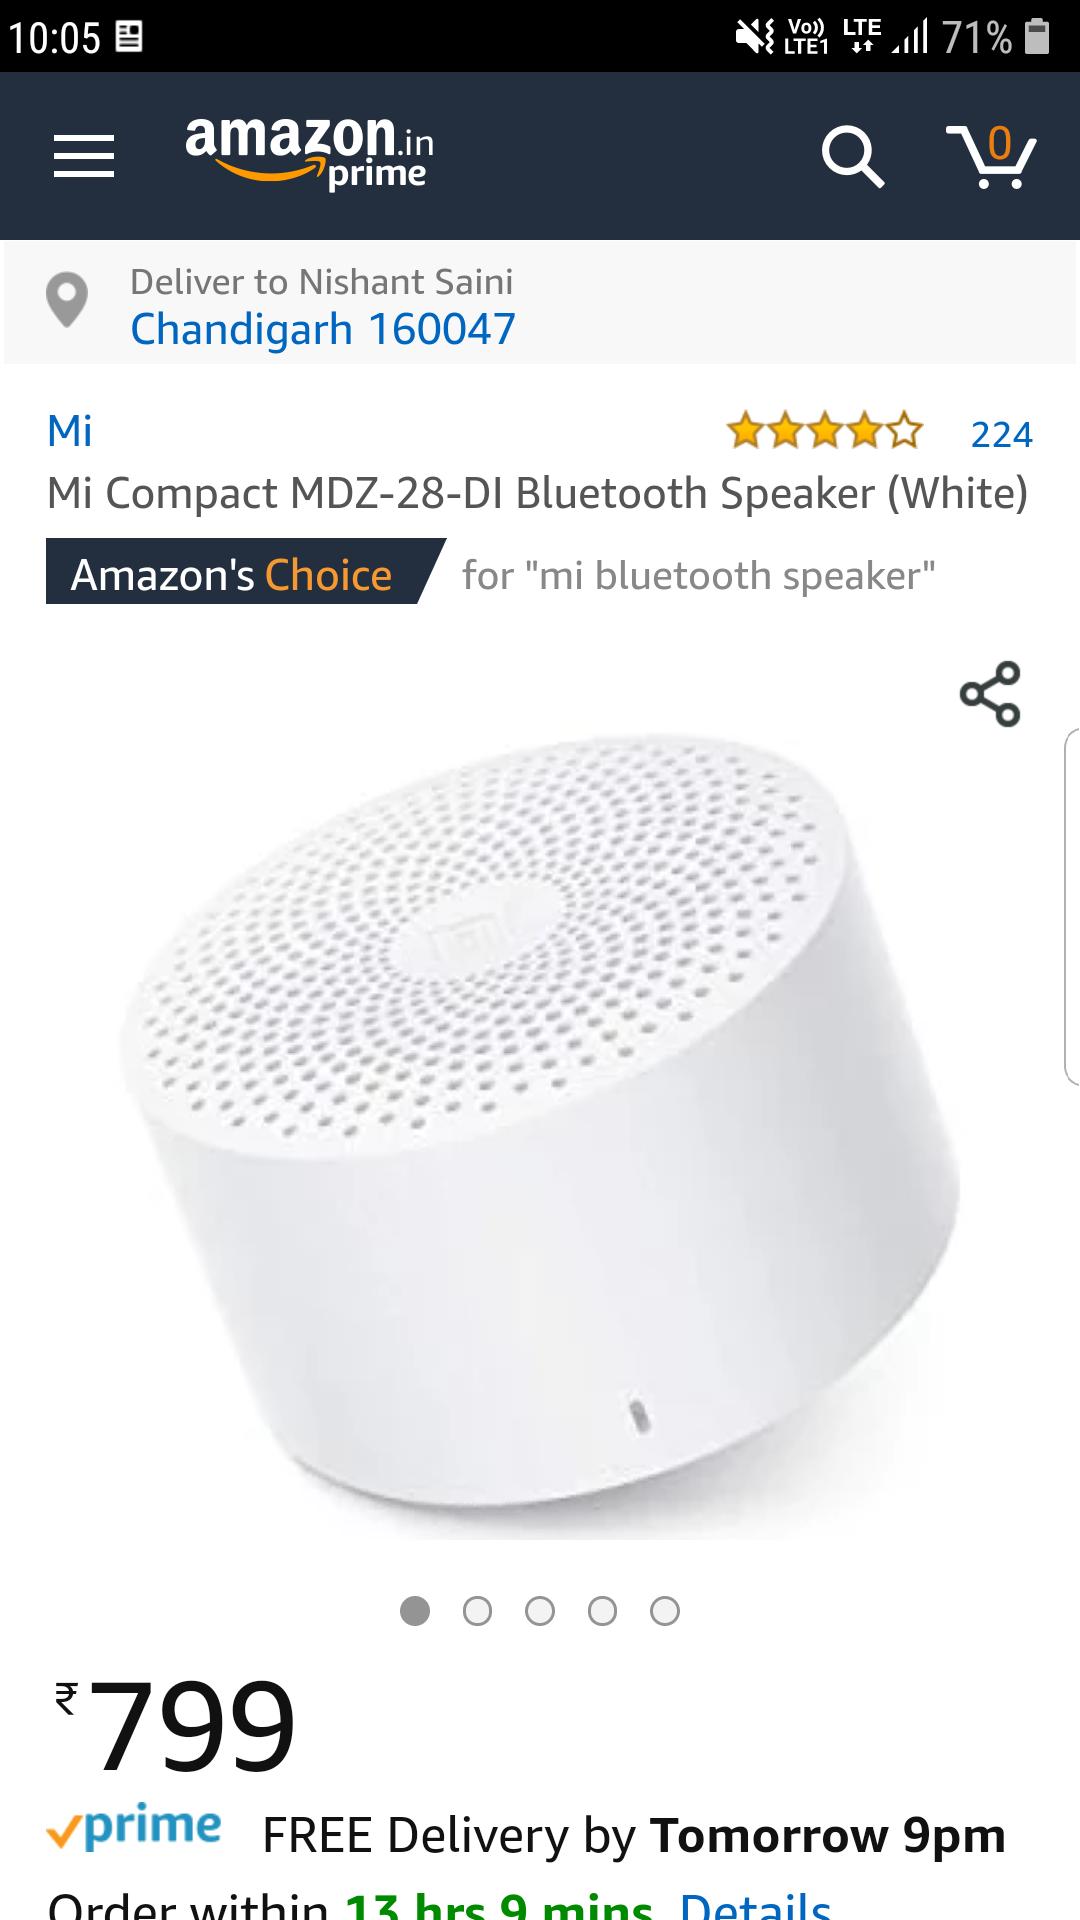 https://cdn0.desidime.com/attachments/photos/554940/original/HyperScr_020319-100547_Amazon_Shopping.png?1551501411